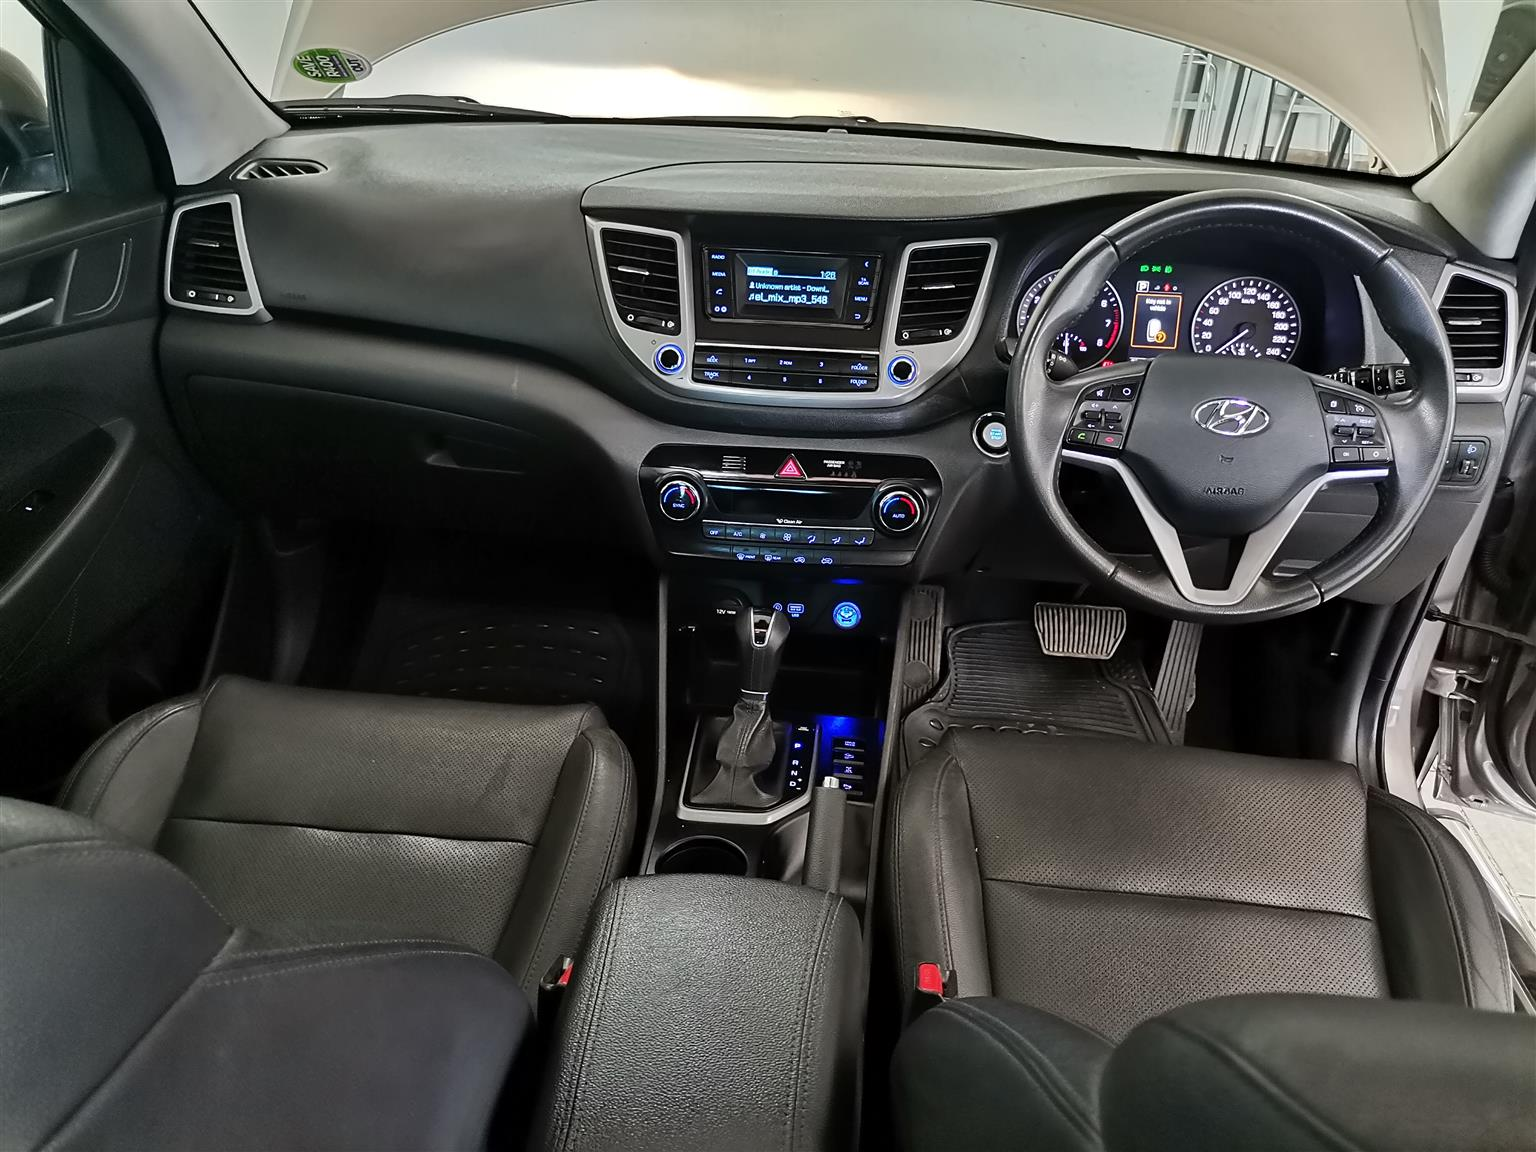 2017 HYUNDAI TUCSON 1.6TGDi 4WD Elite Auto Mechanically perfect